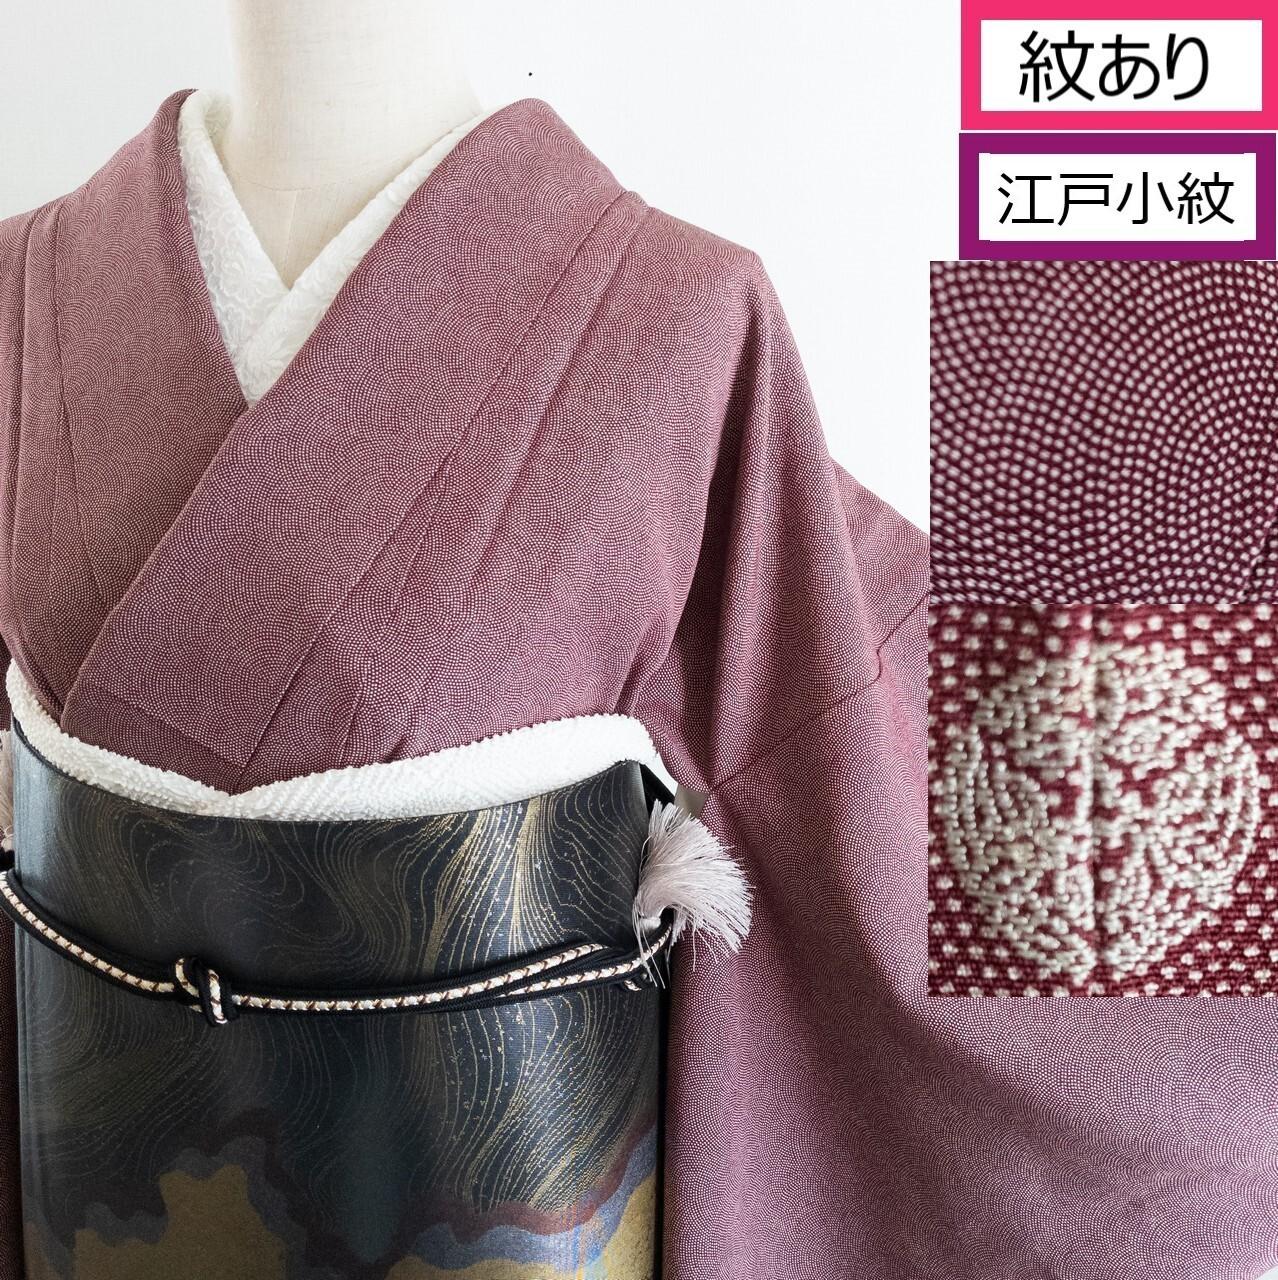 【刺繍紋】一つ紋 鮫小紋 袷 相良刺繍紋入り 小豆色 丈165裄66